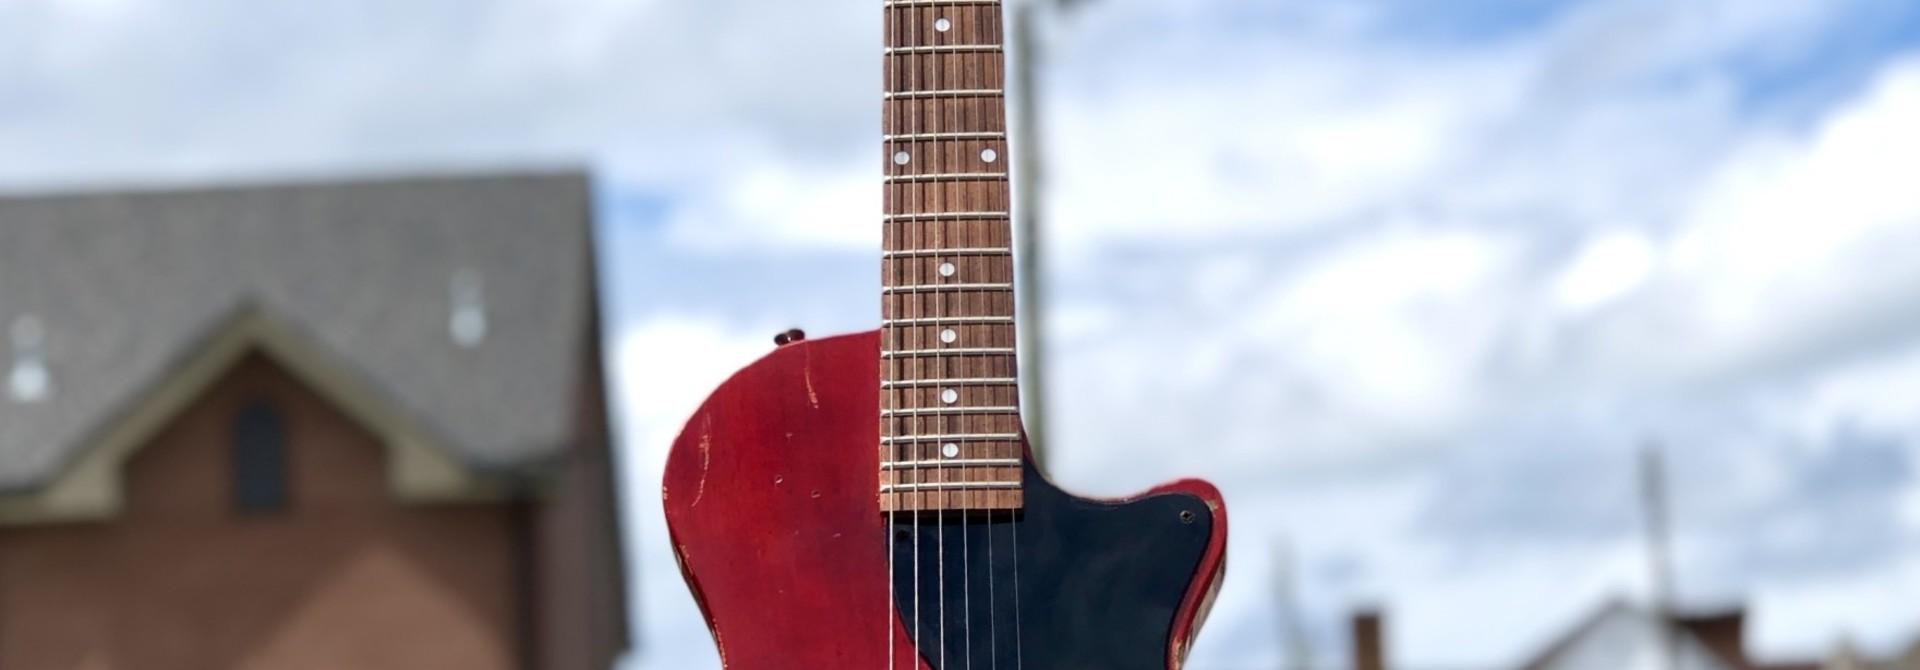 Les Paul Jr - Cherry Relic